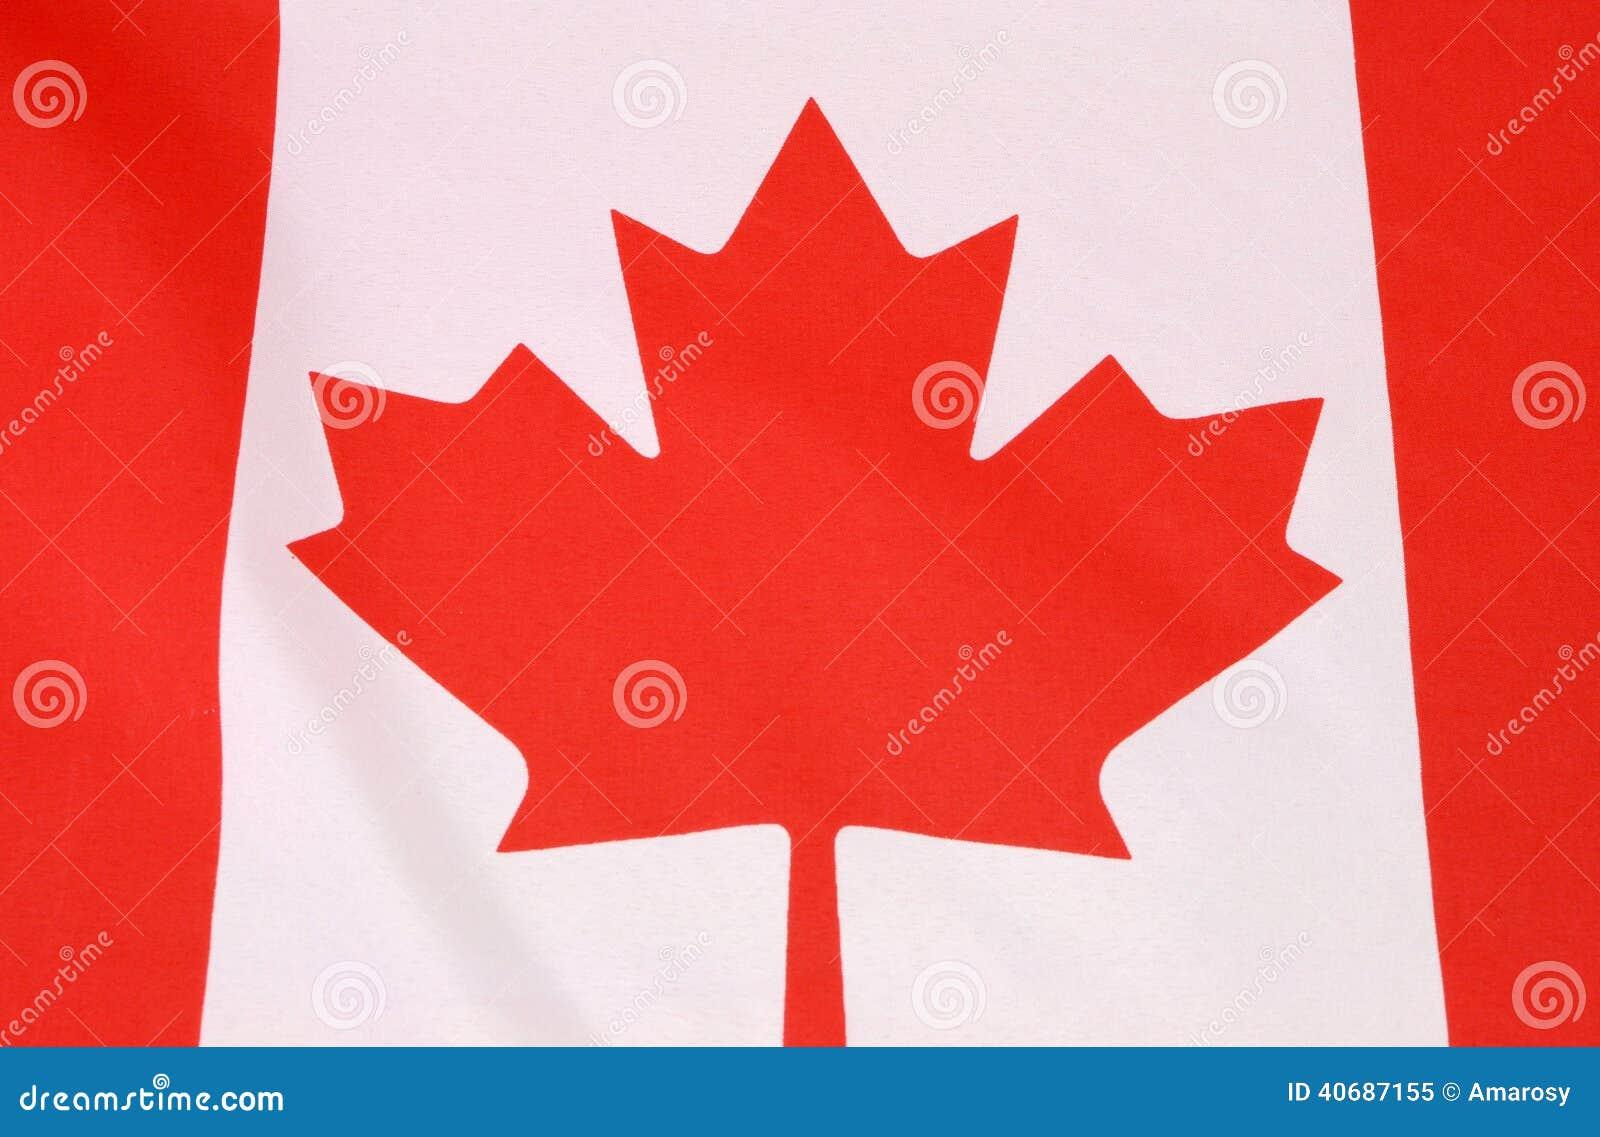 Bandiera rossa e bianca della foglia di acero canadese - Foglia canadese contorno foglia canadese ...